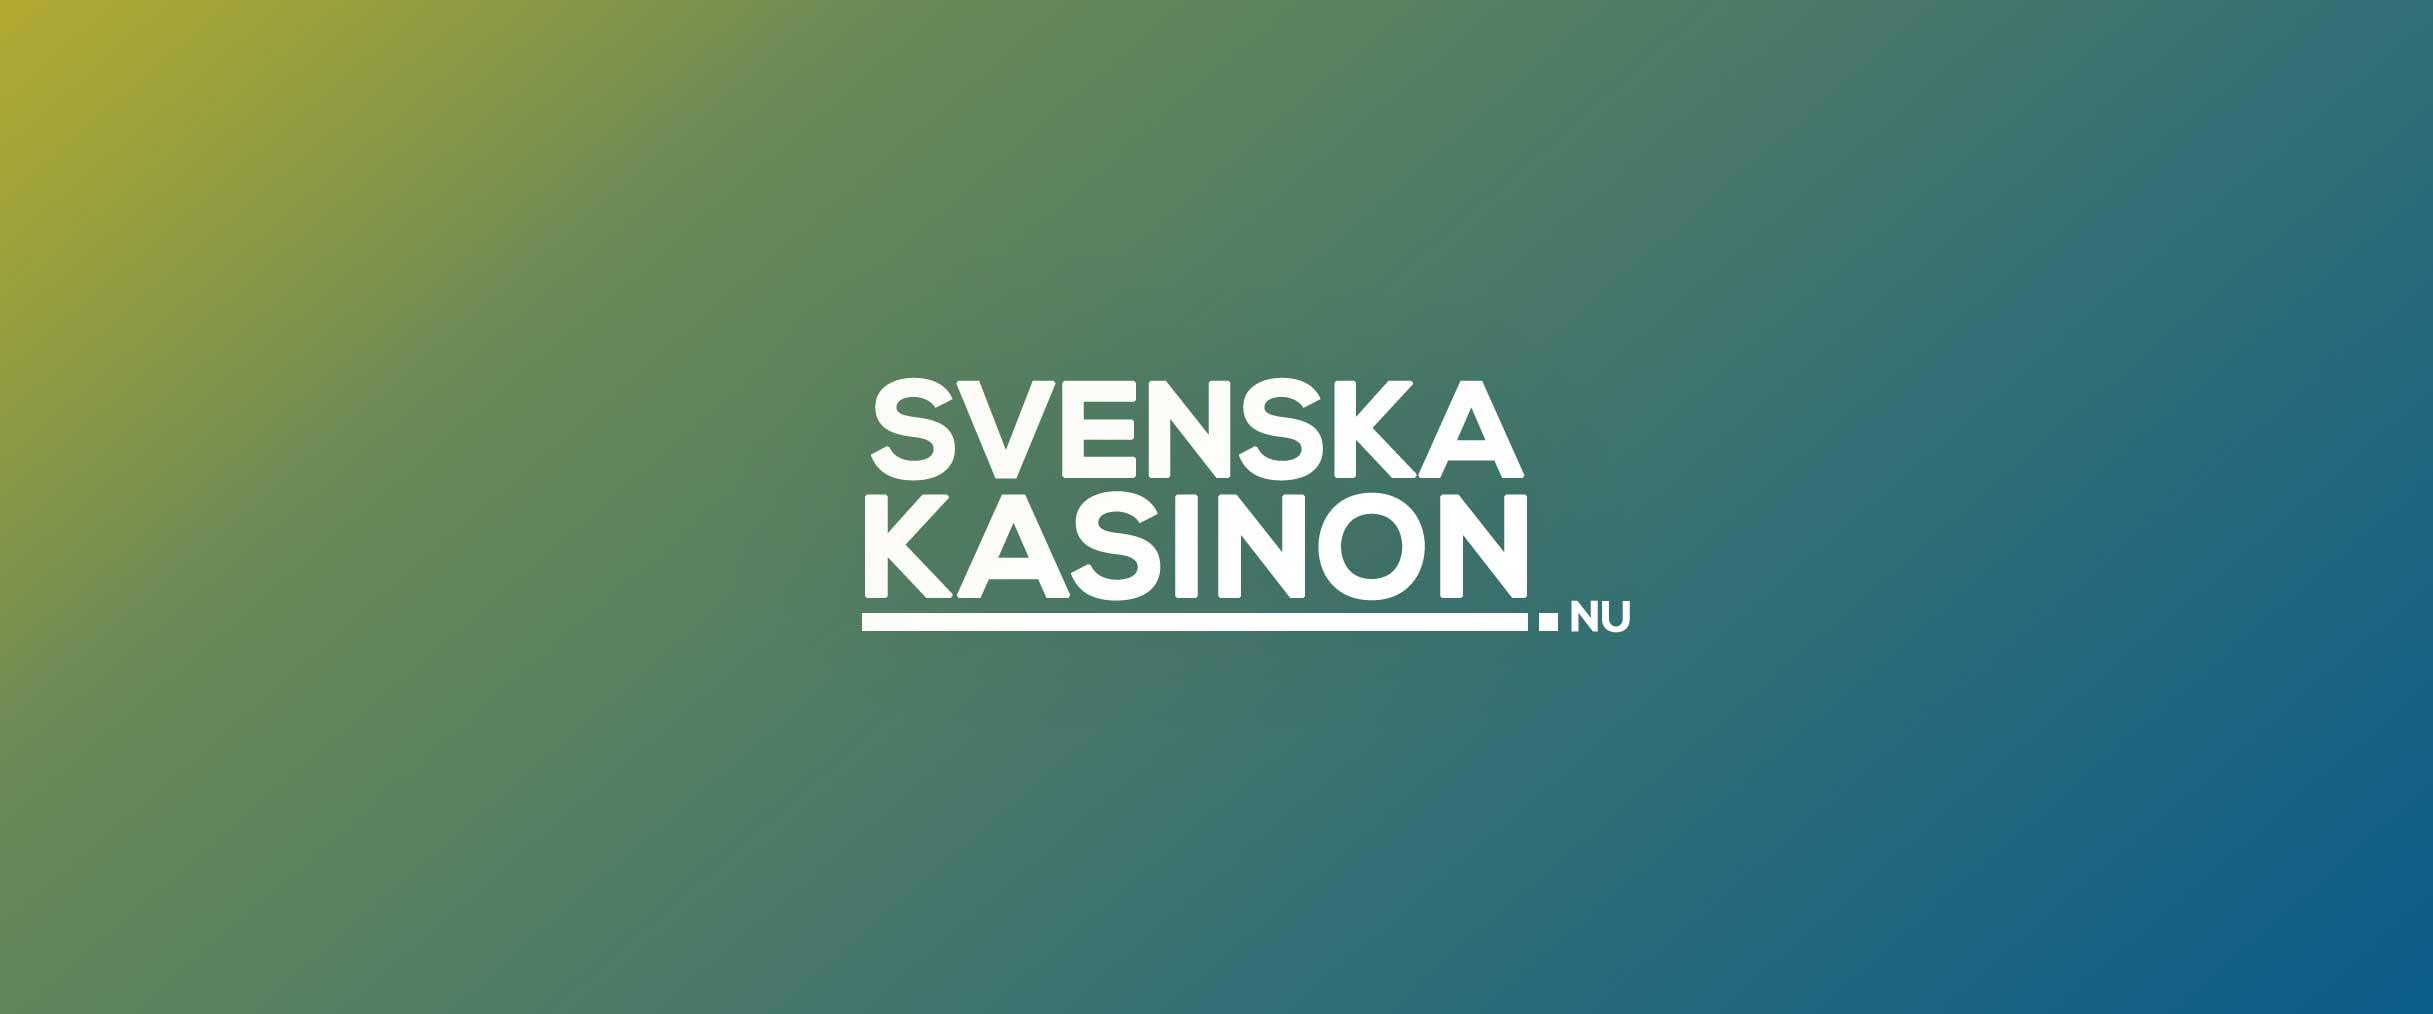 svenska kasinon header